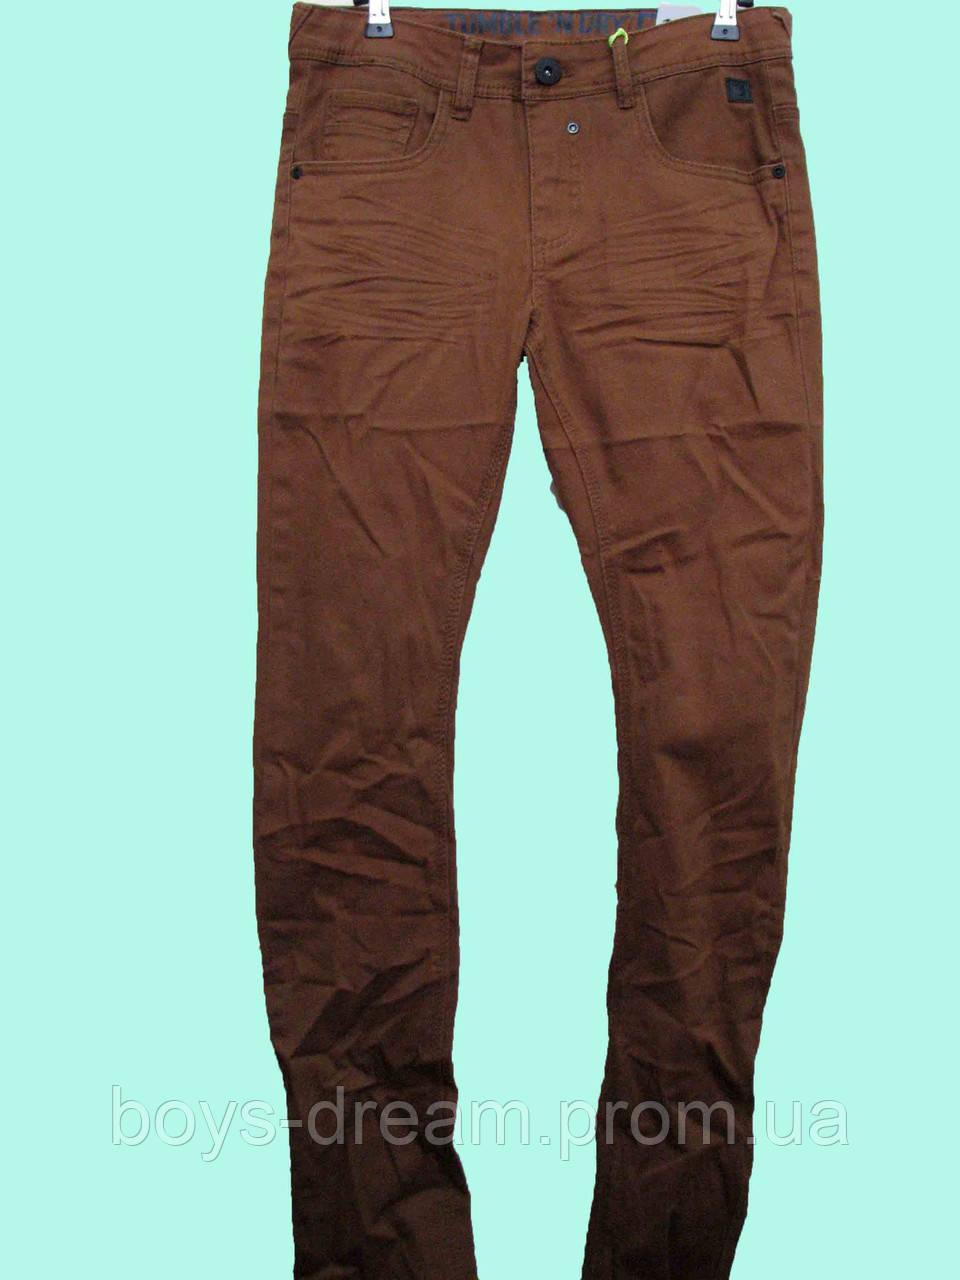 Цветные джинсы для мальчика Tumble`n Dry (Голландия) (158, 164)